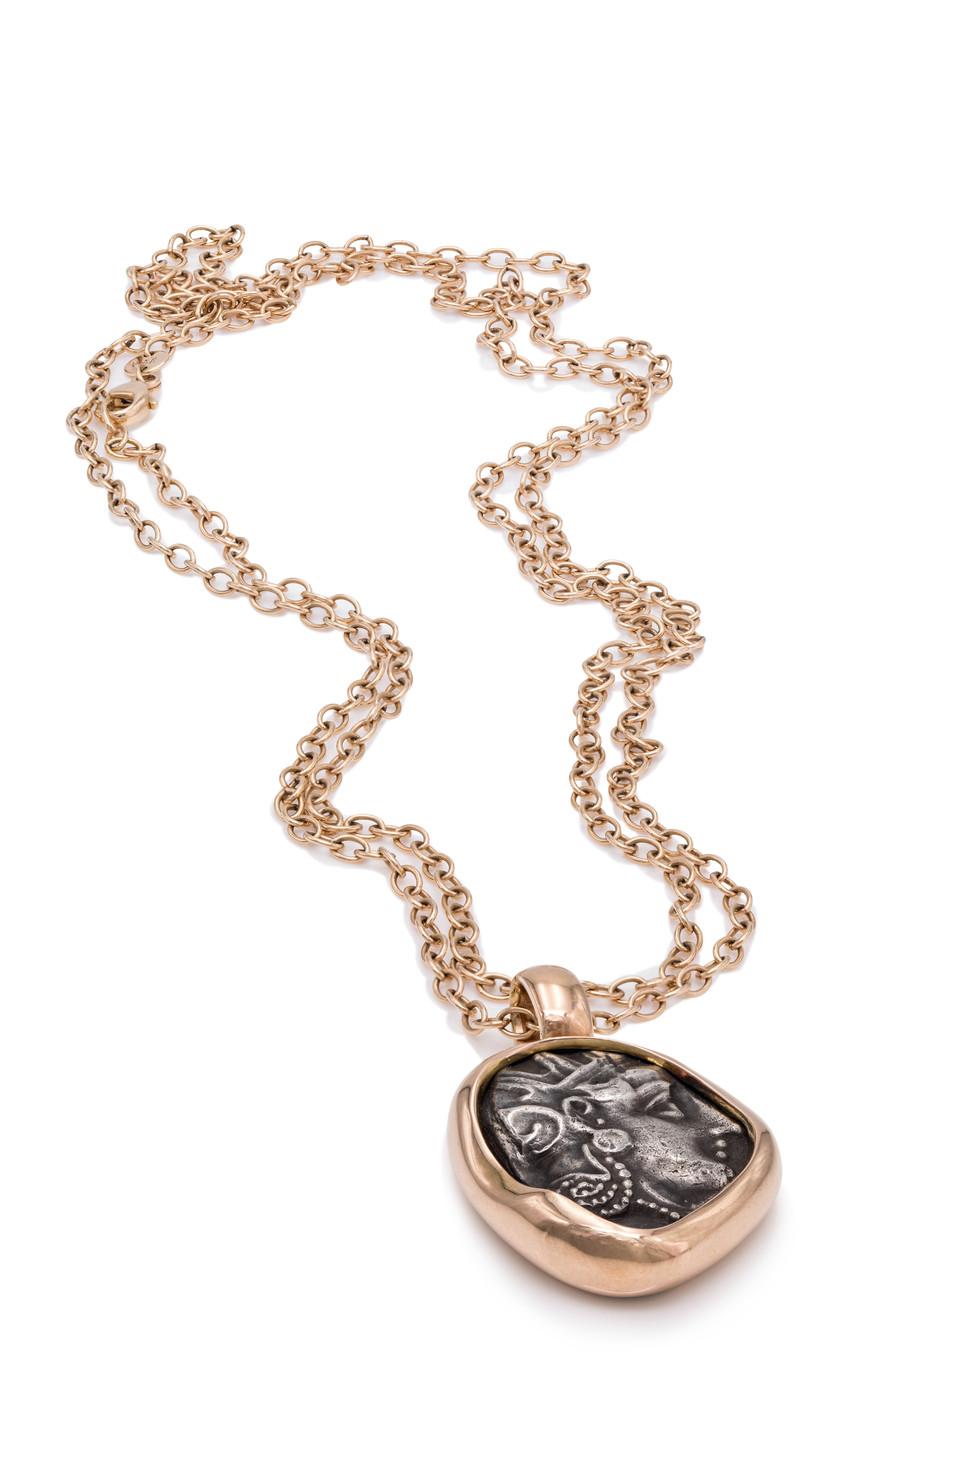 750 ROSÉGOLD ANHÄNGER | ATHENA  antike griechische Münze ca. 400 v. Chr.  Athena, auch Athene, ist die antike Göttin der Weißheit, der Handwerkskunst, sowie der Kriegsführung. In späteren Zeiten wurde sie mit der römischen Göttin Minerva gleichgestellt.